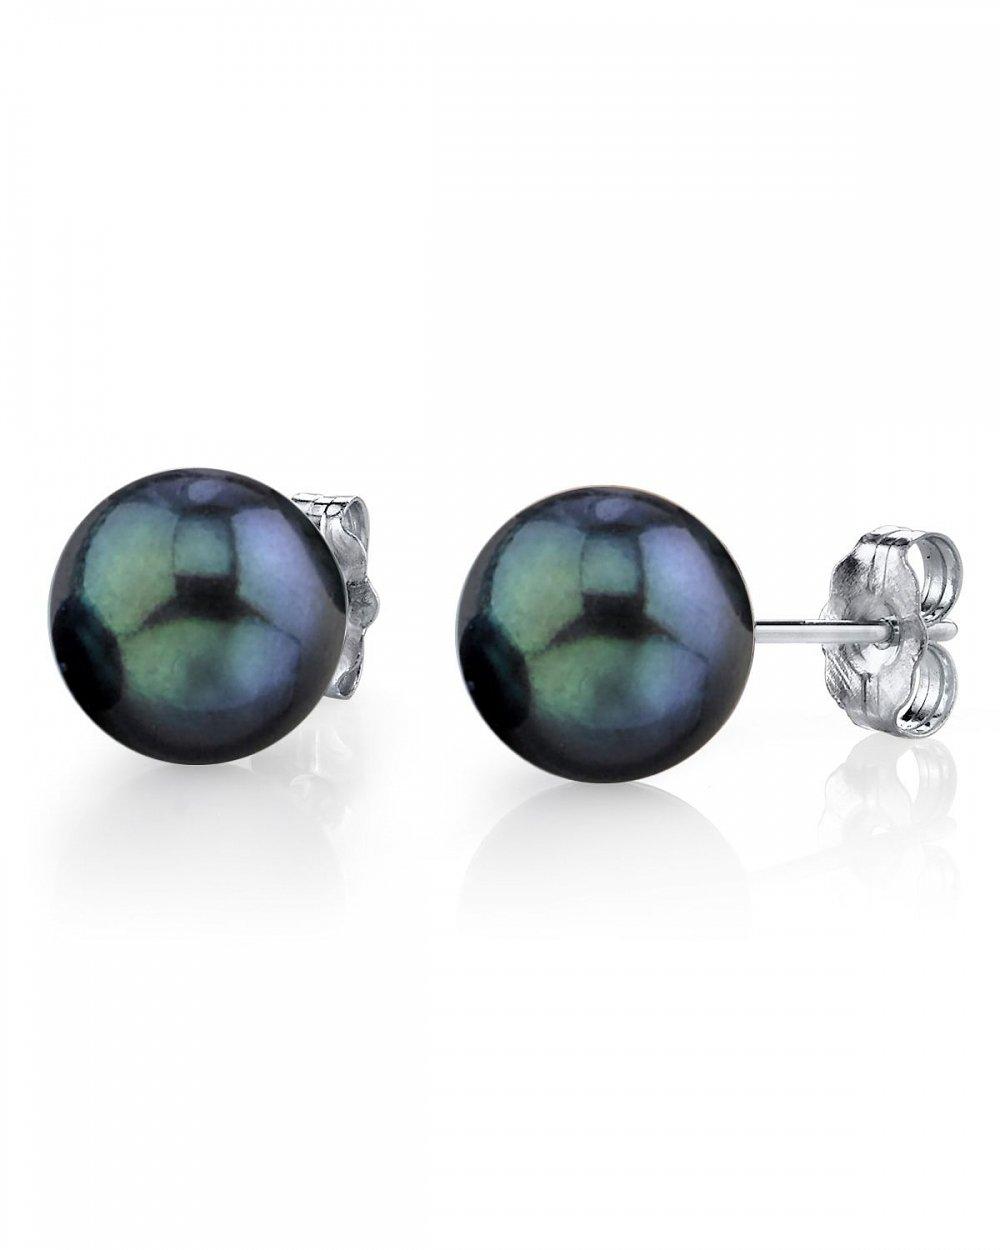 14K Gold 7.5-8.0mm Black Akoya Cultured Pearl Stud Earrings - AA+ Quality